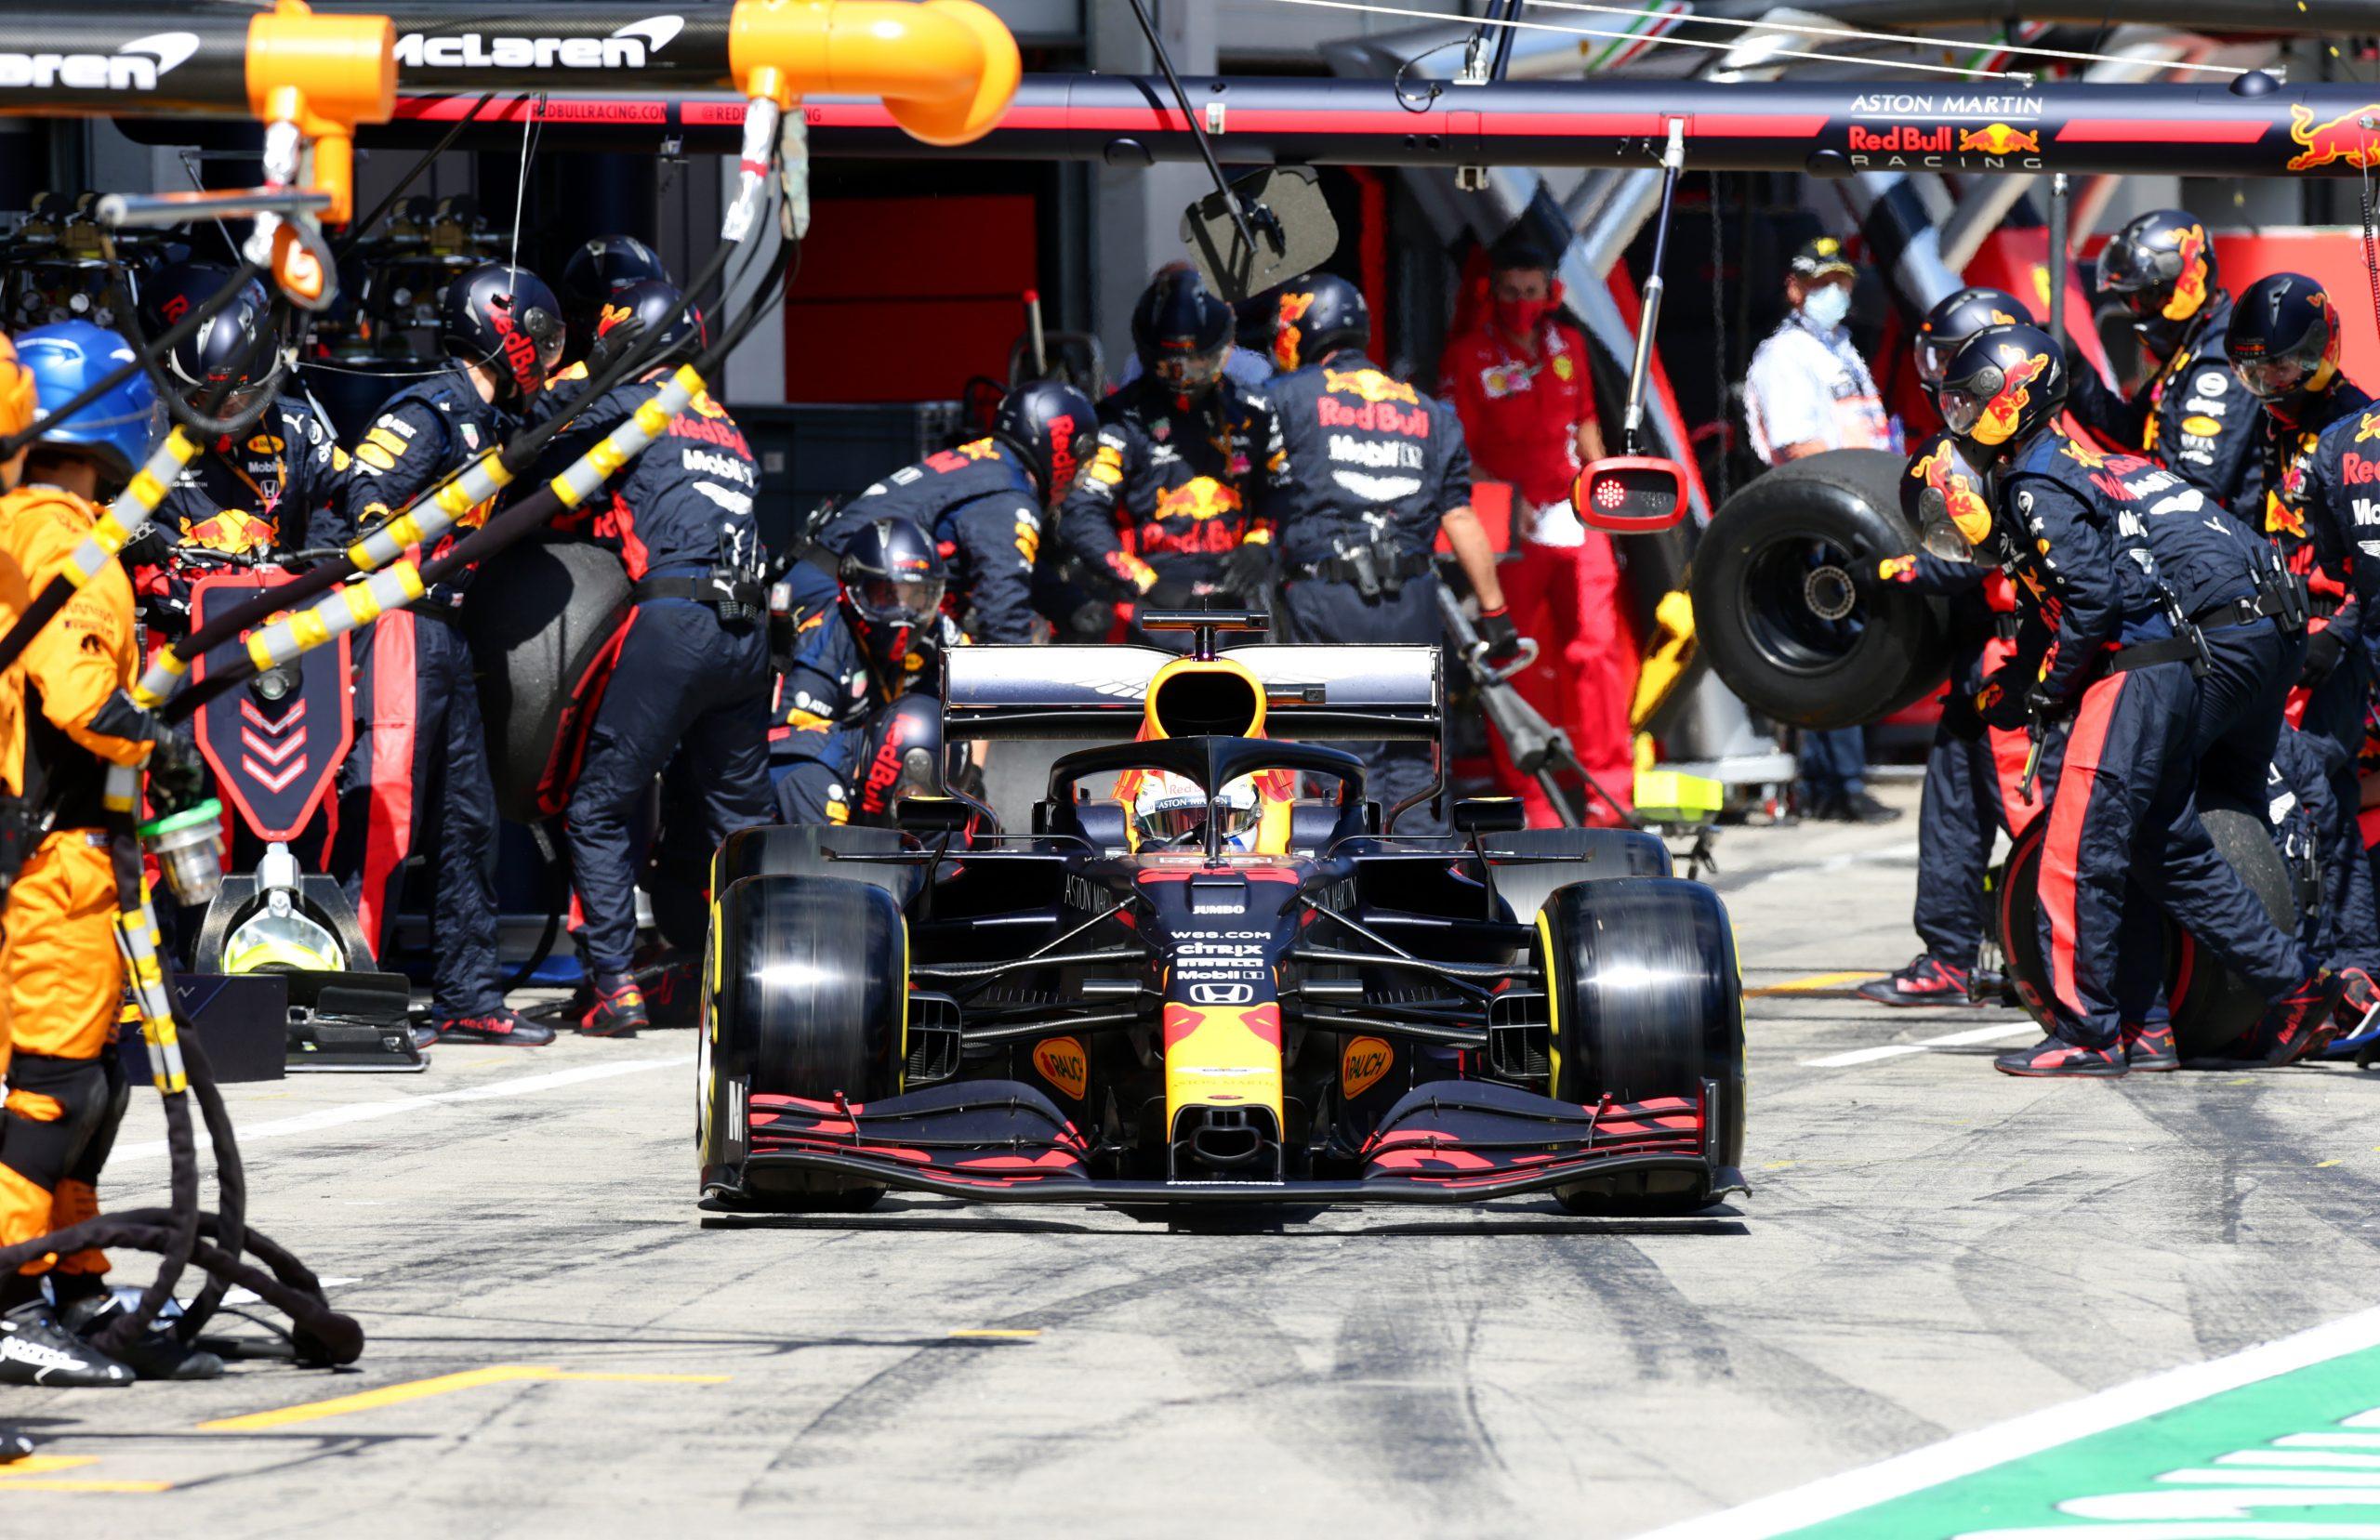 Grand Prix® van Oostenrijk - Spielberg 2021